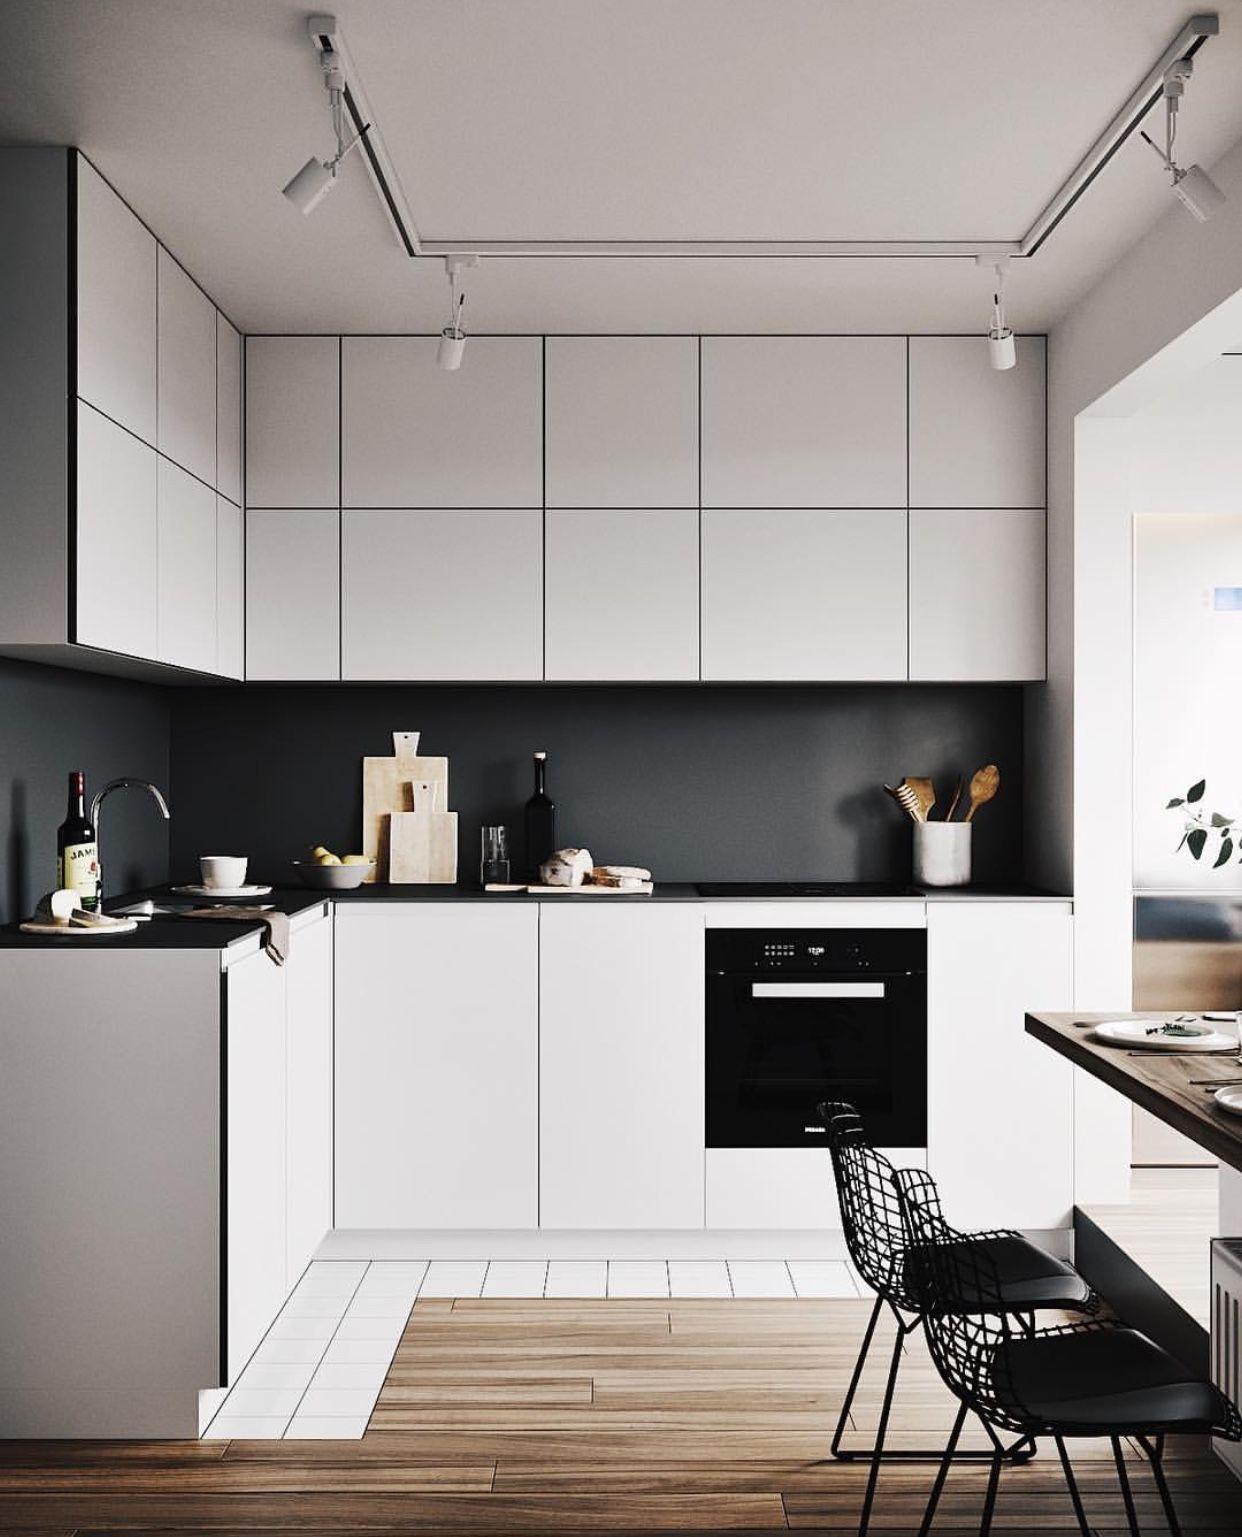 pin by ceola johnson on future home modern kitchen interiors minimalist small kitchens on kitchen ideas minimalist id=47399